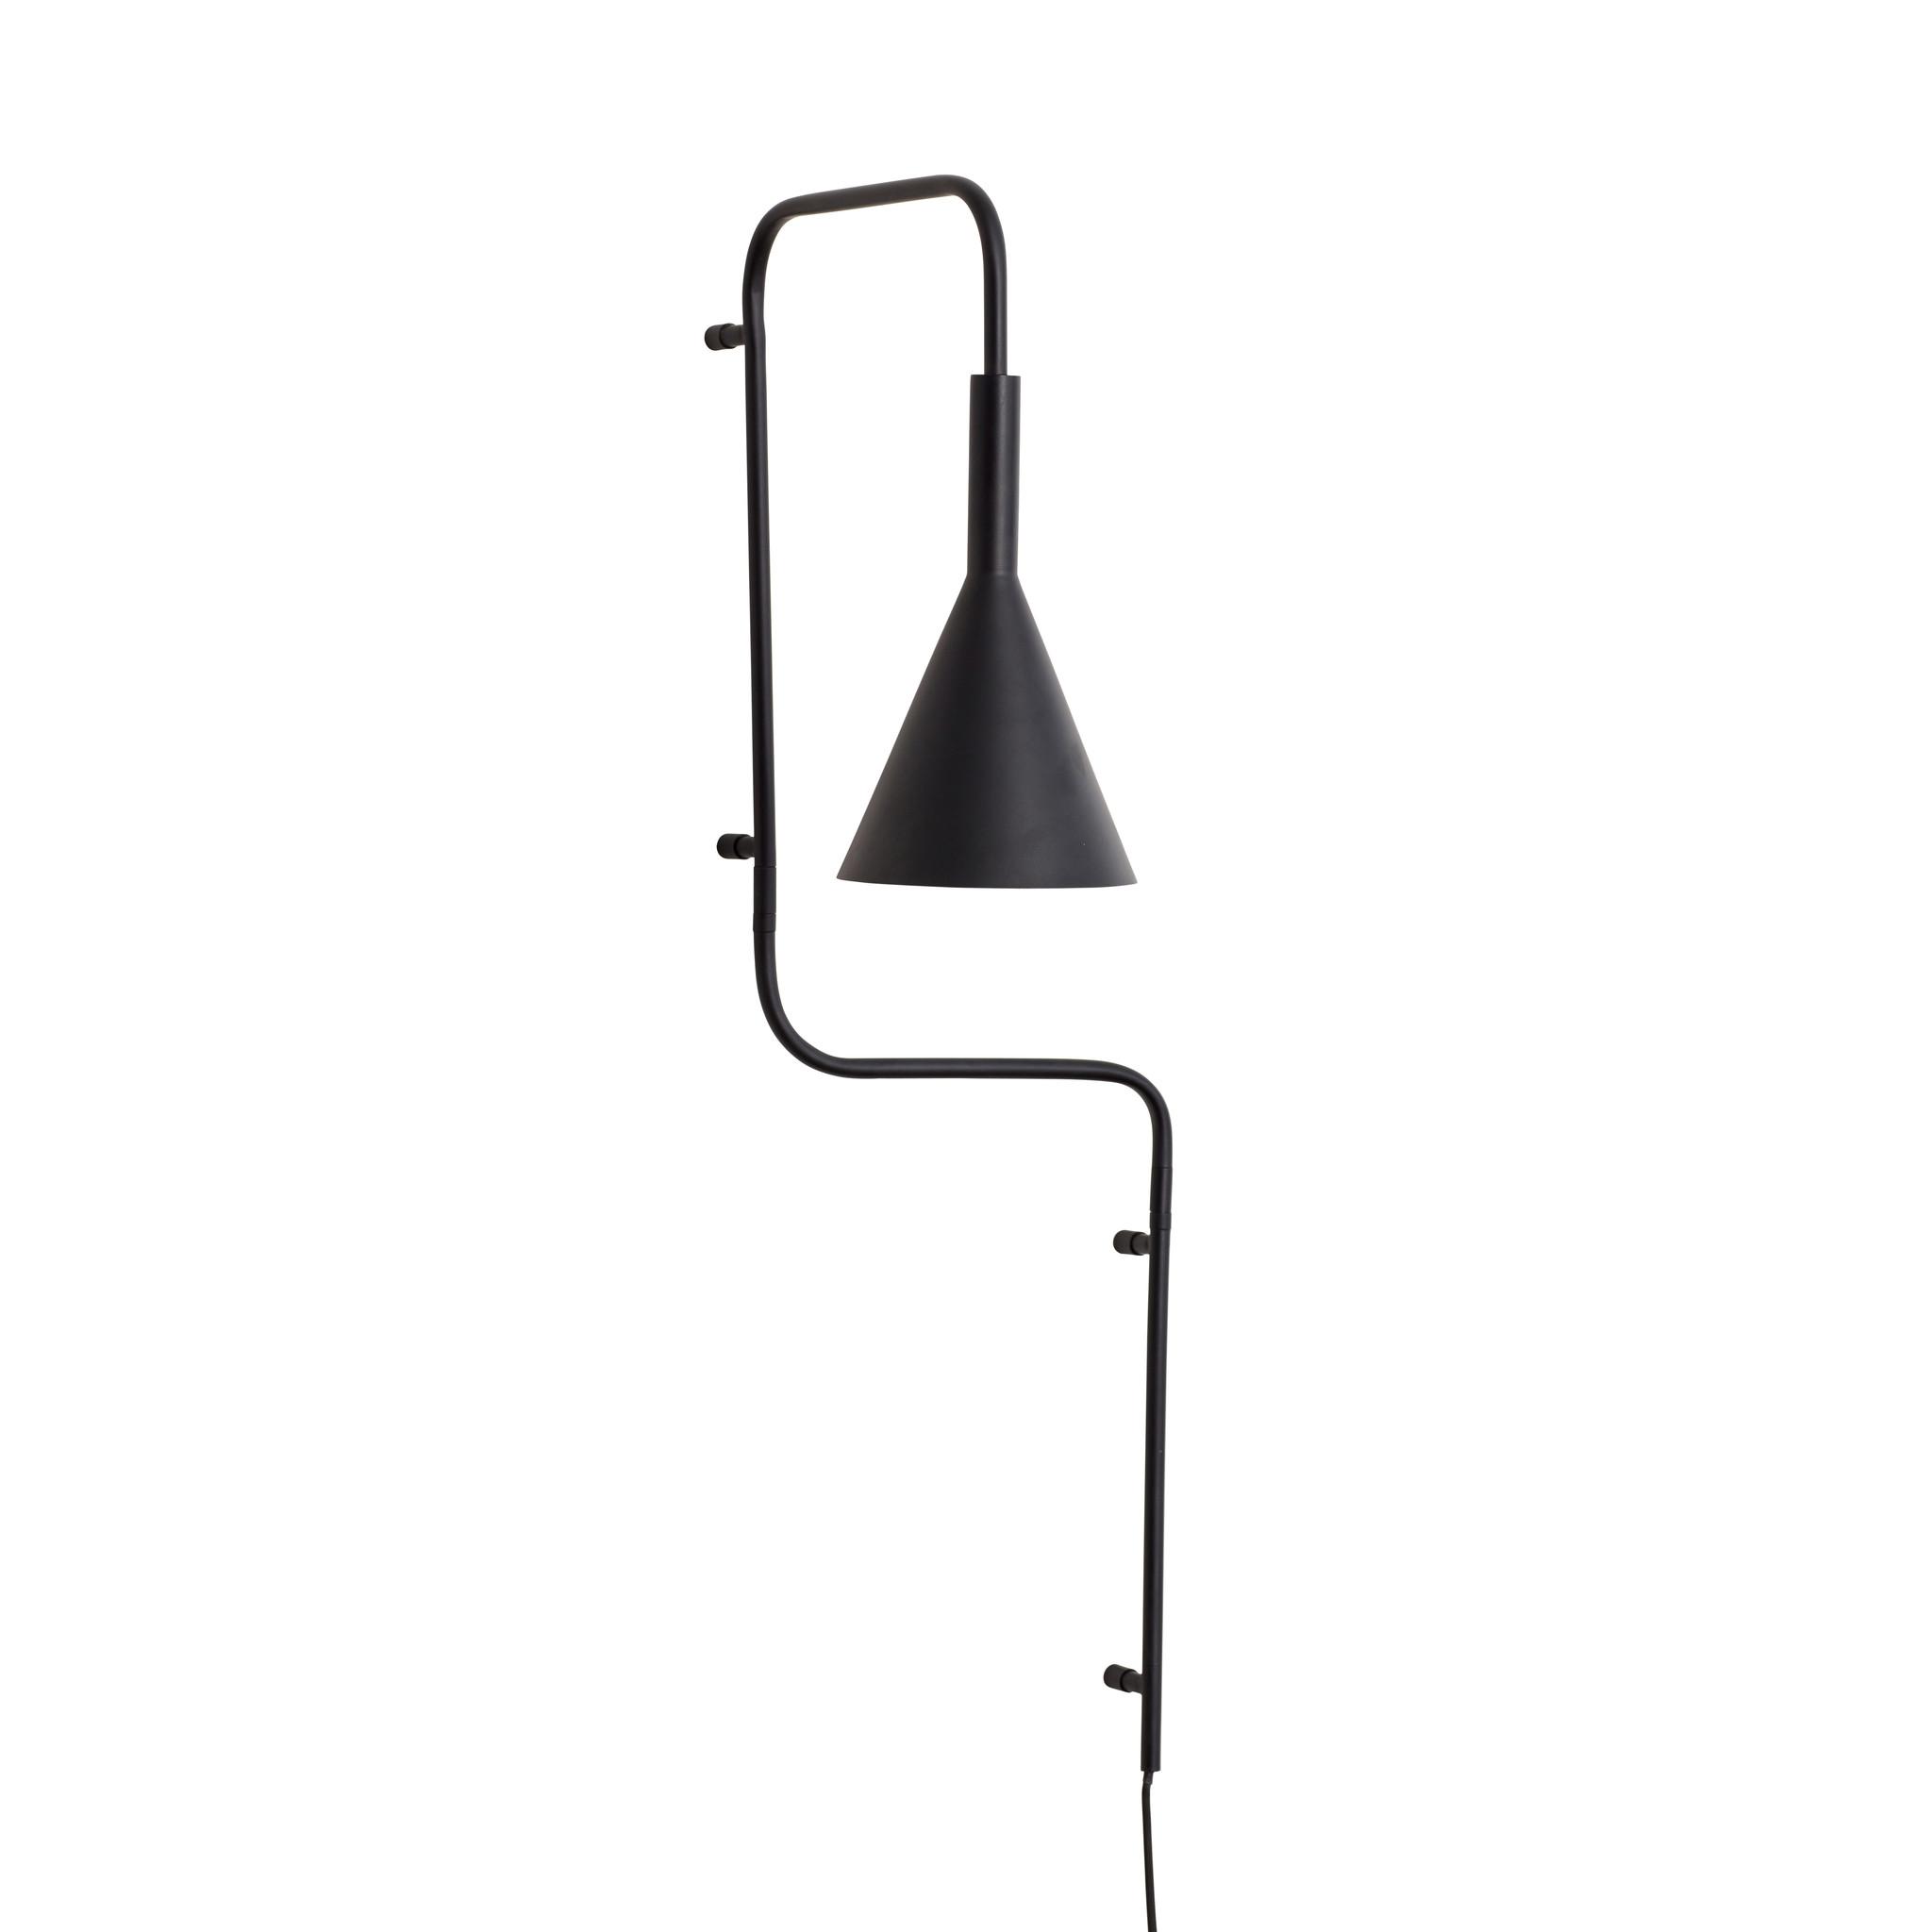 Hubsch Wandlamp, zwart-990927-5712772071328